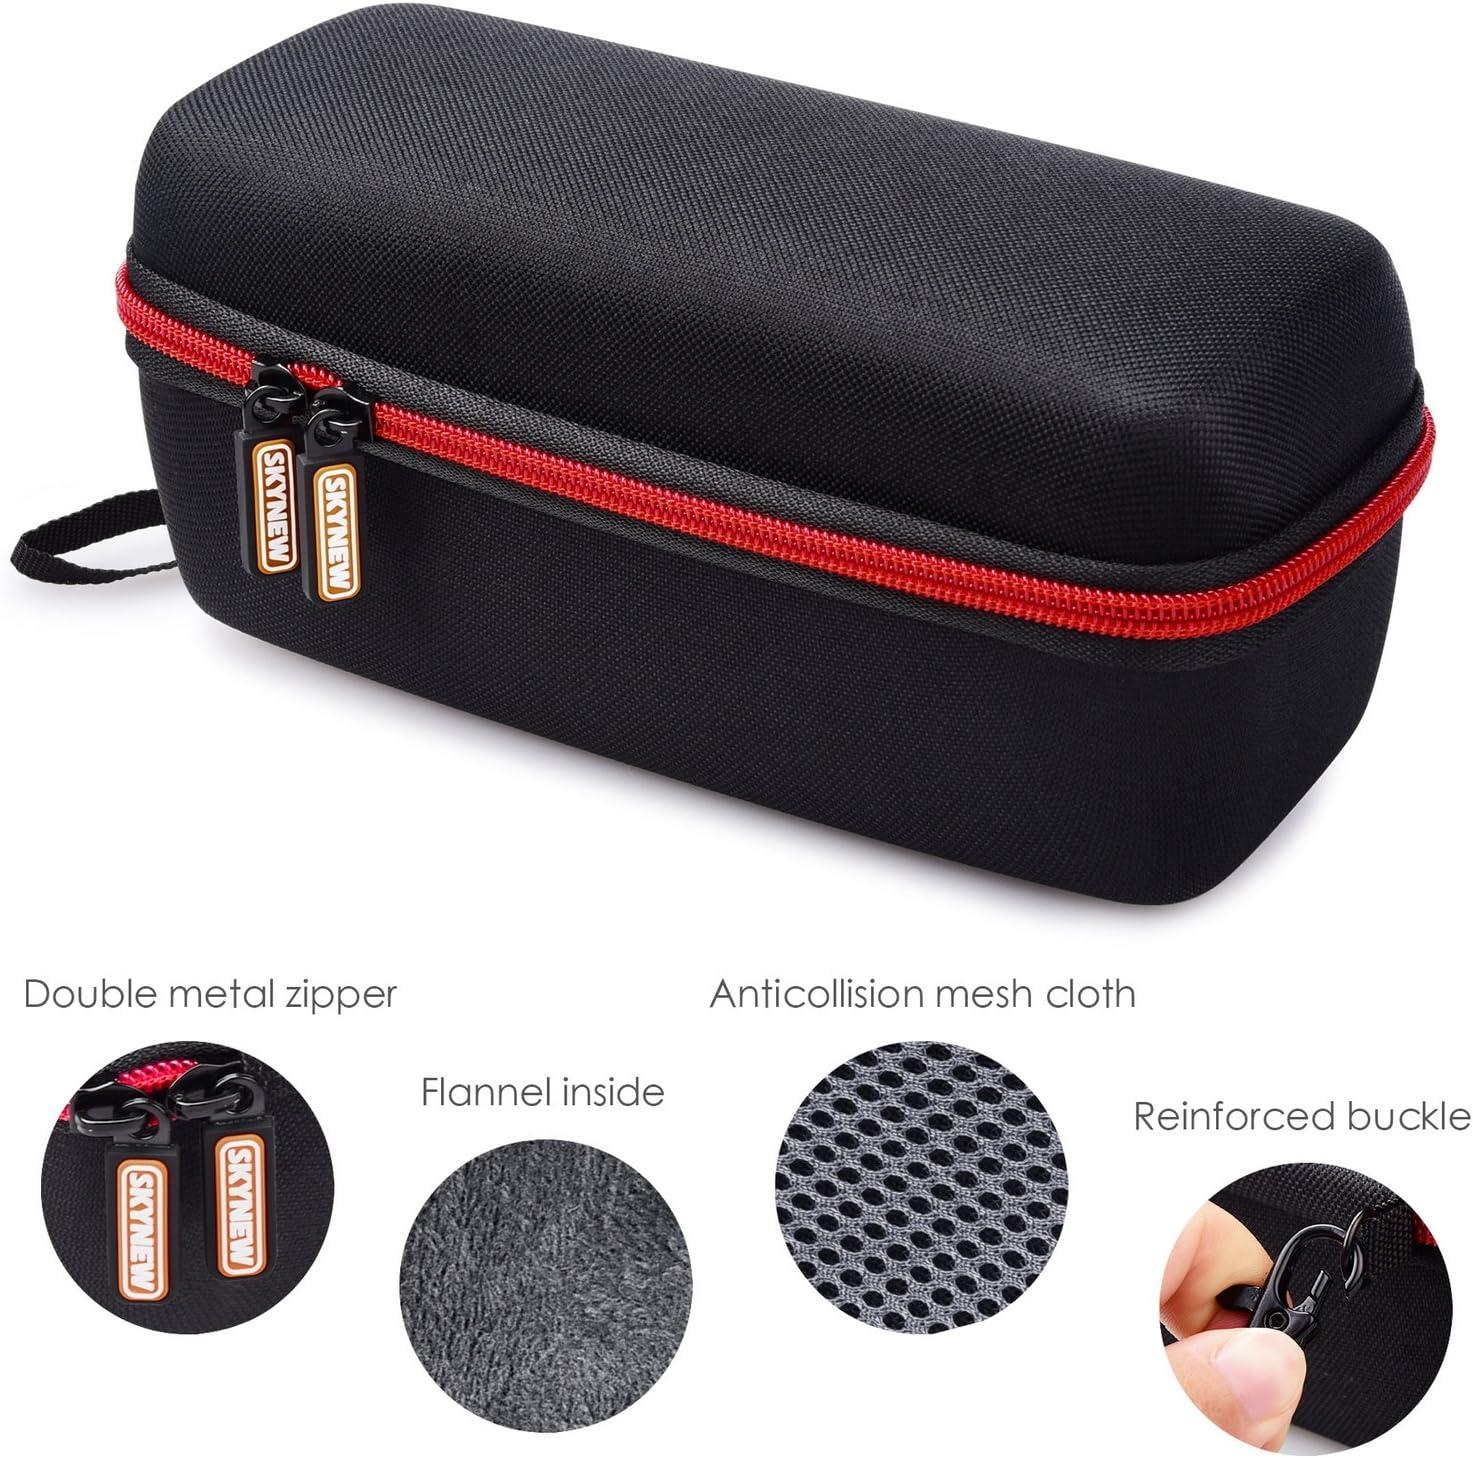 Light Grey SKYNEW Hard Carrying Travel Case for JBL Flip 3 Flip 4 Flip 5 Portable Bluetooth Speaker